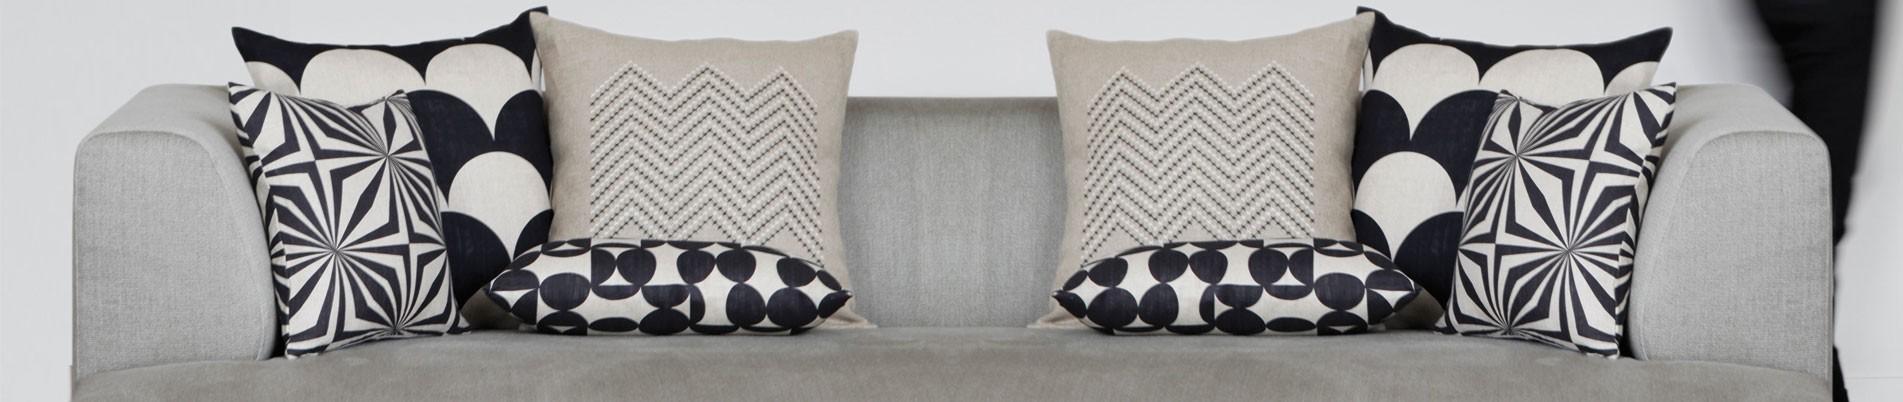 Curves cushions